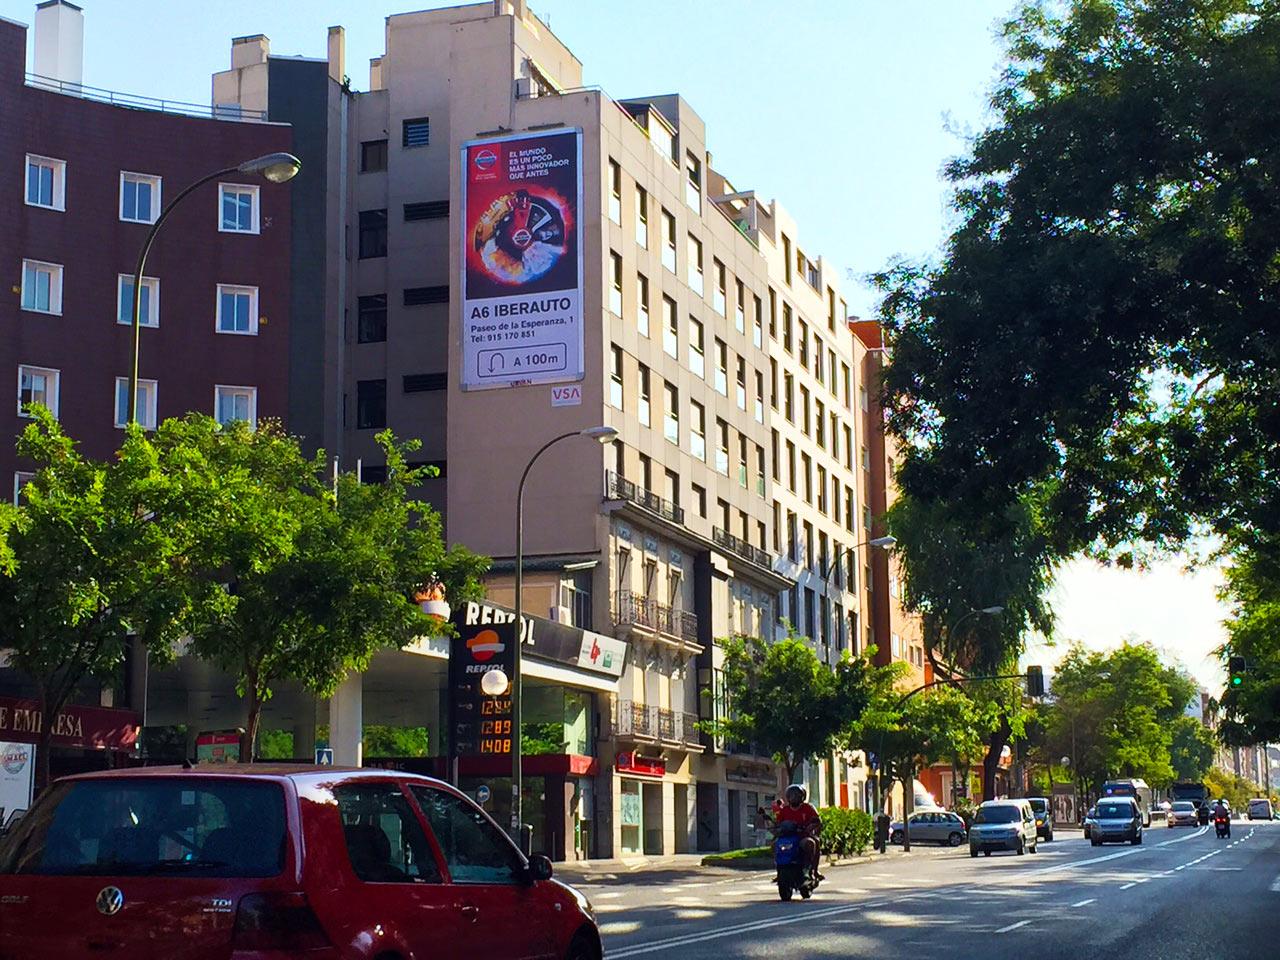 pym-medianera-publicidad-exterior-nissan-iberauto-agosto-madrid-vsa-comunicacion